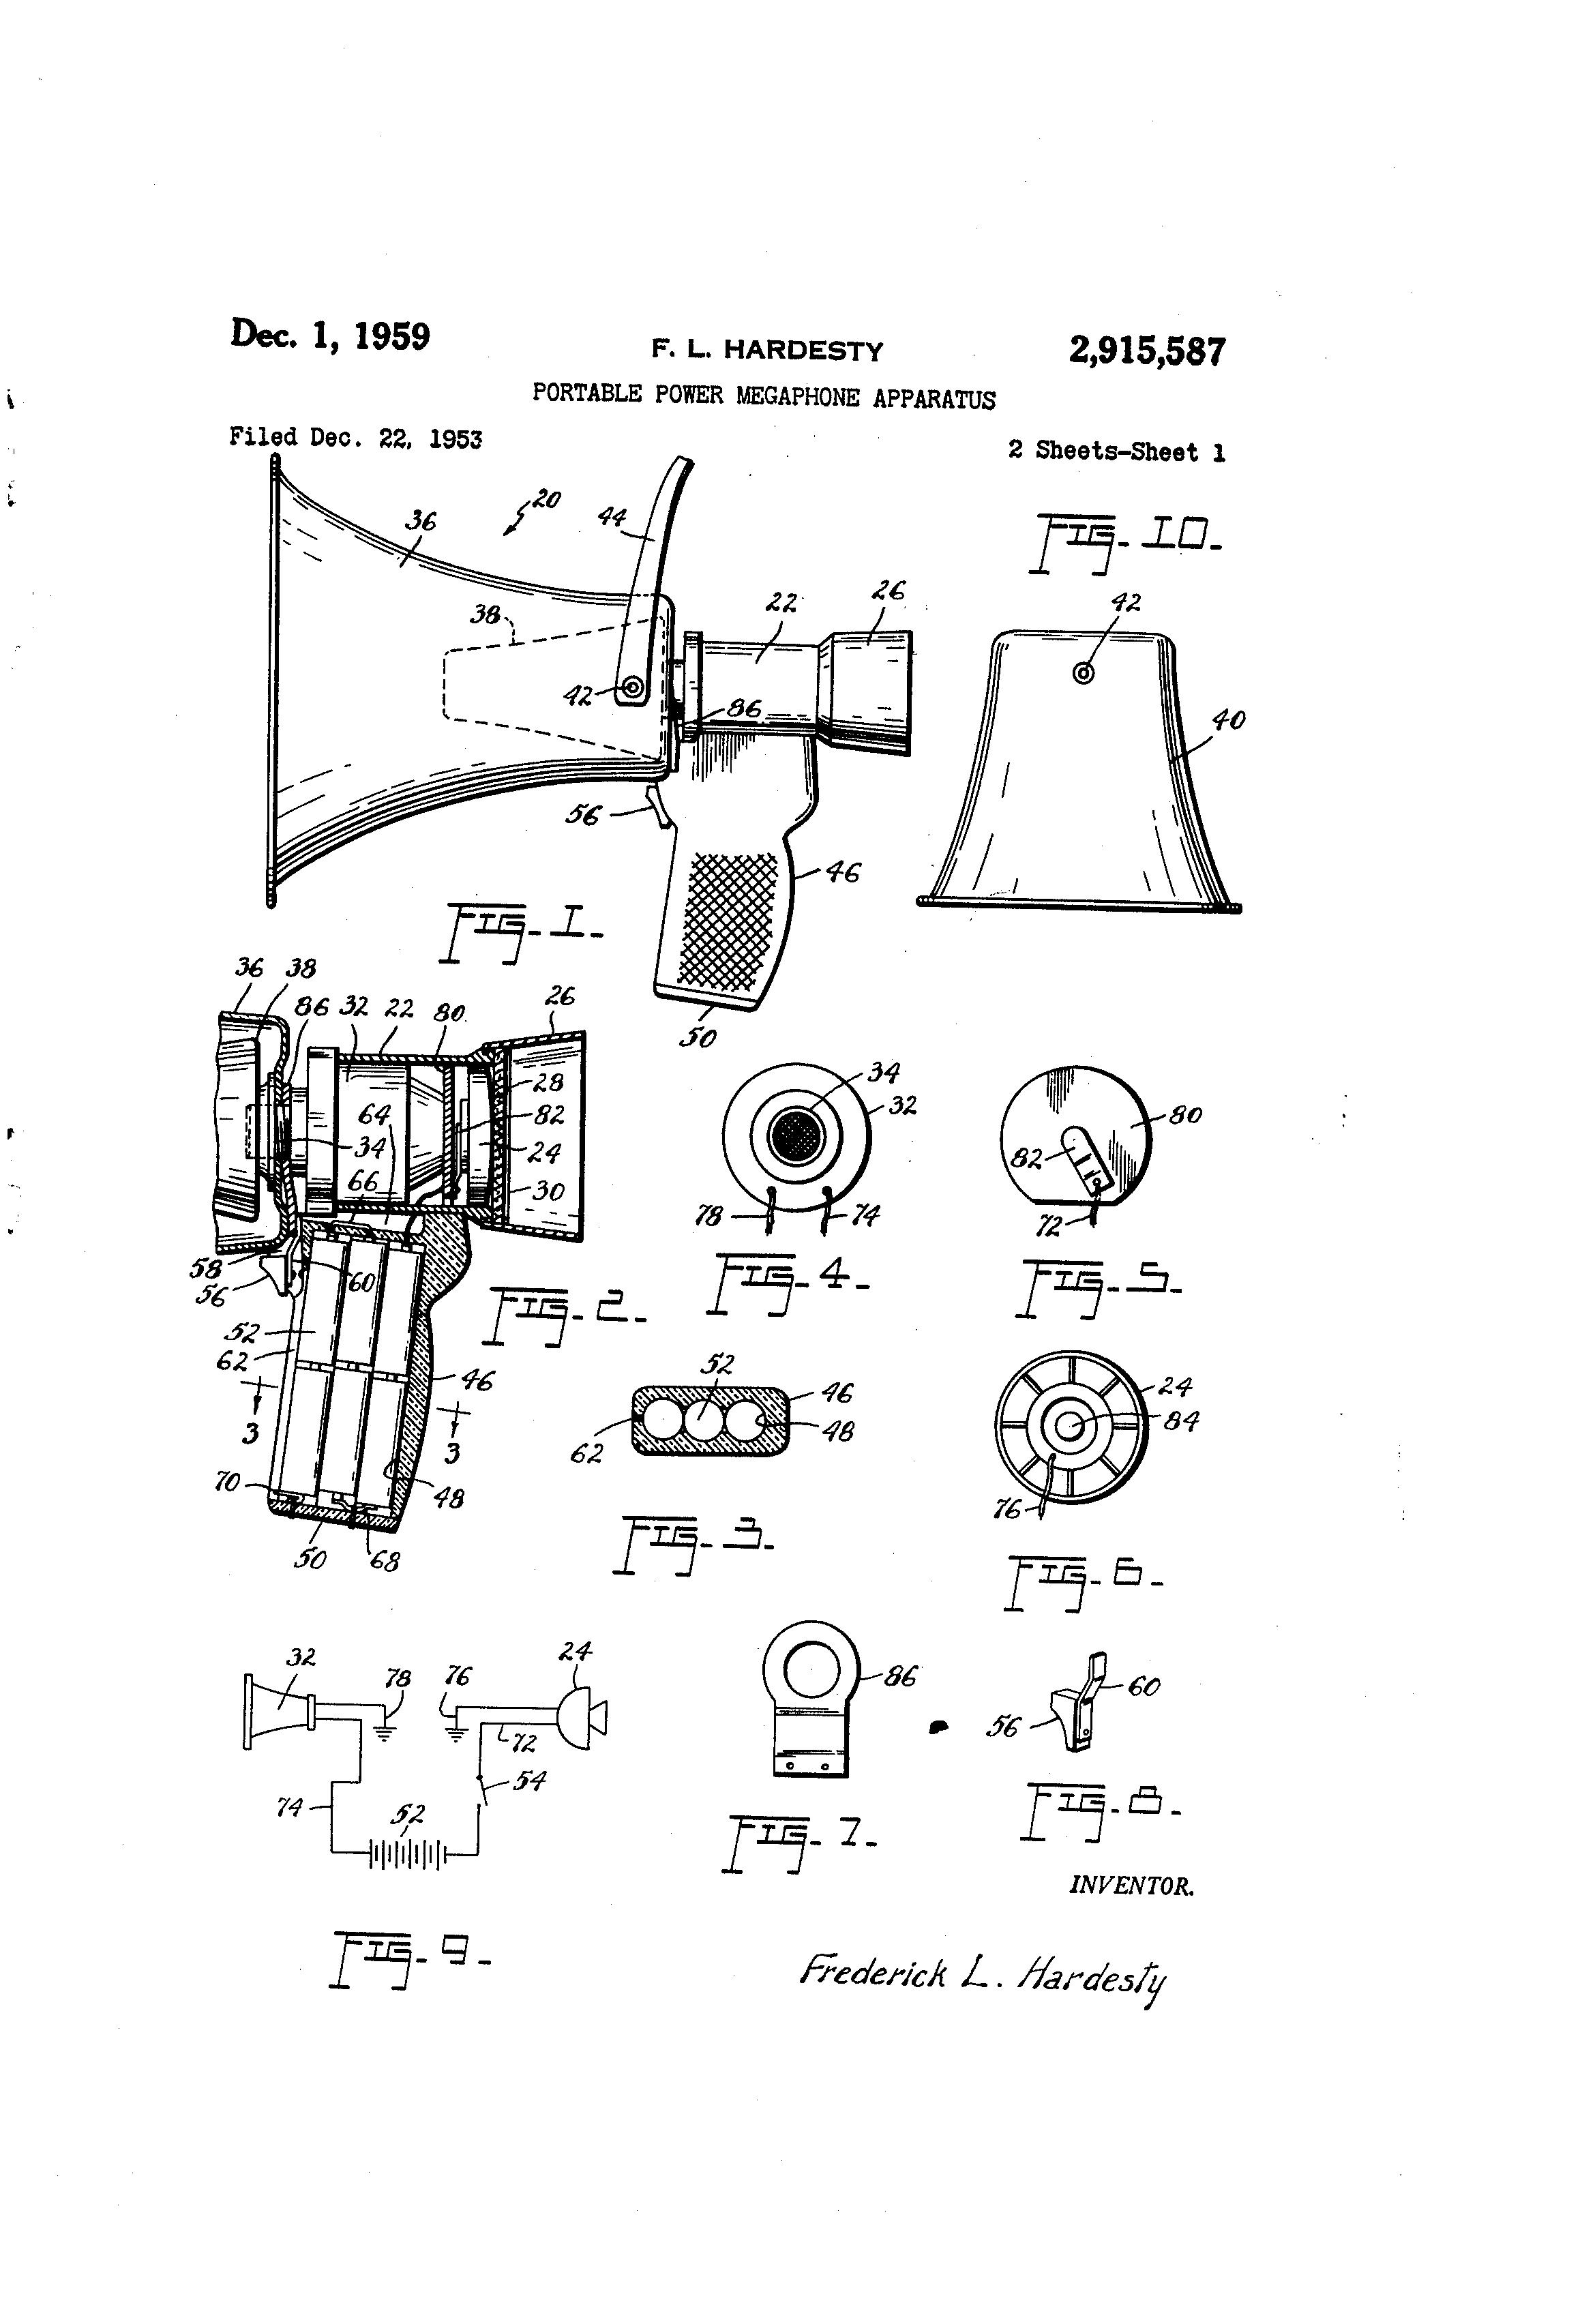 mega phone wiring diagram radio wiring diagram u2022 rh diagrambay today 2-Line Phone Wiring Diagram Phone Line Wiring Diagram